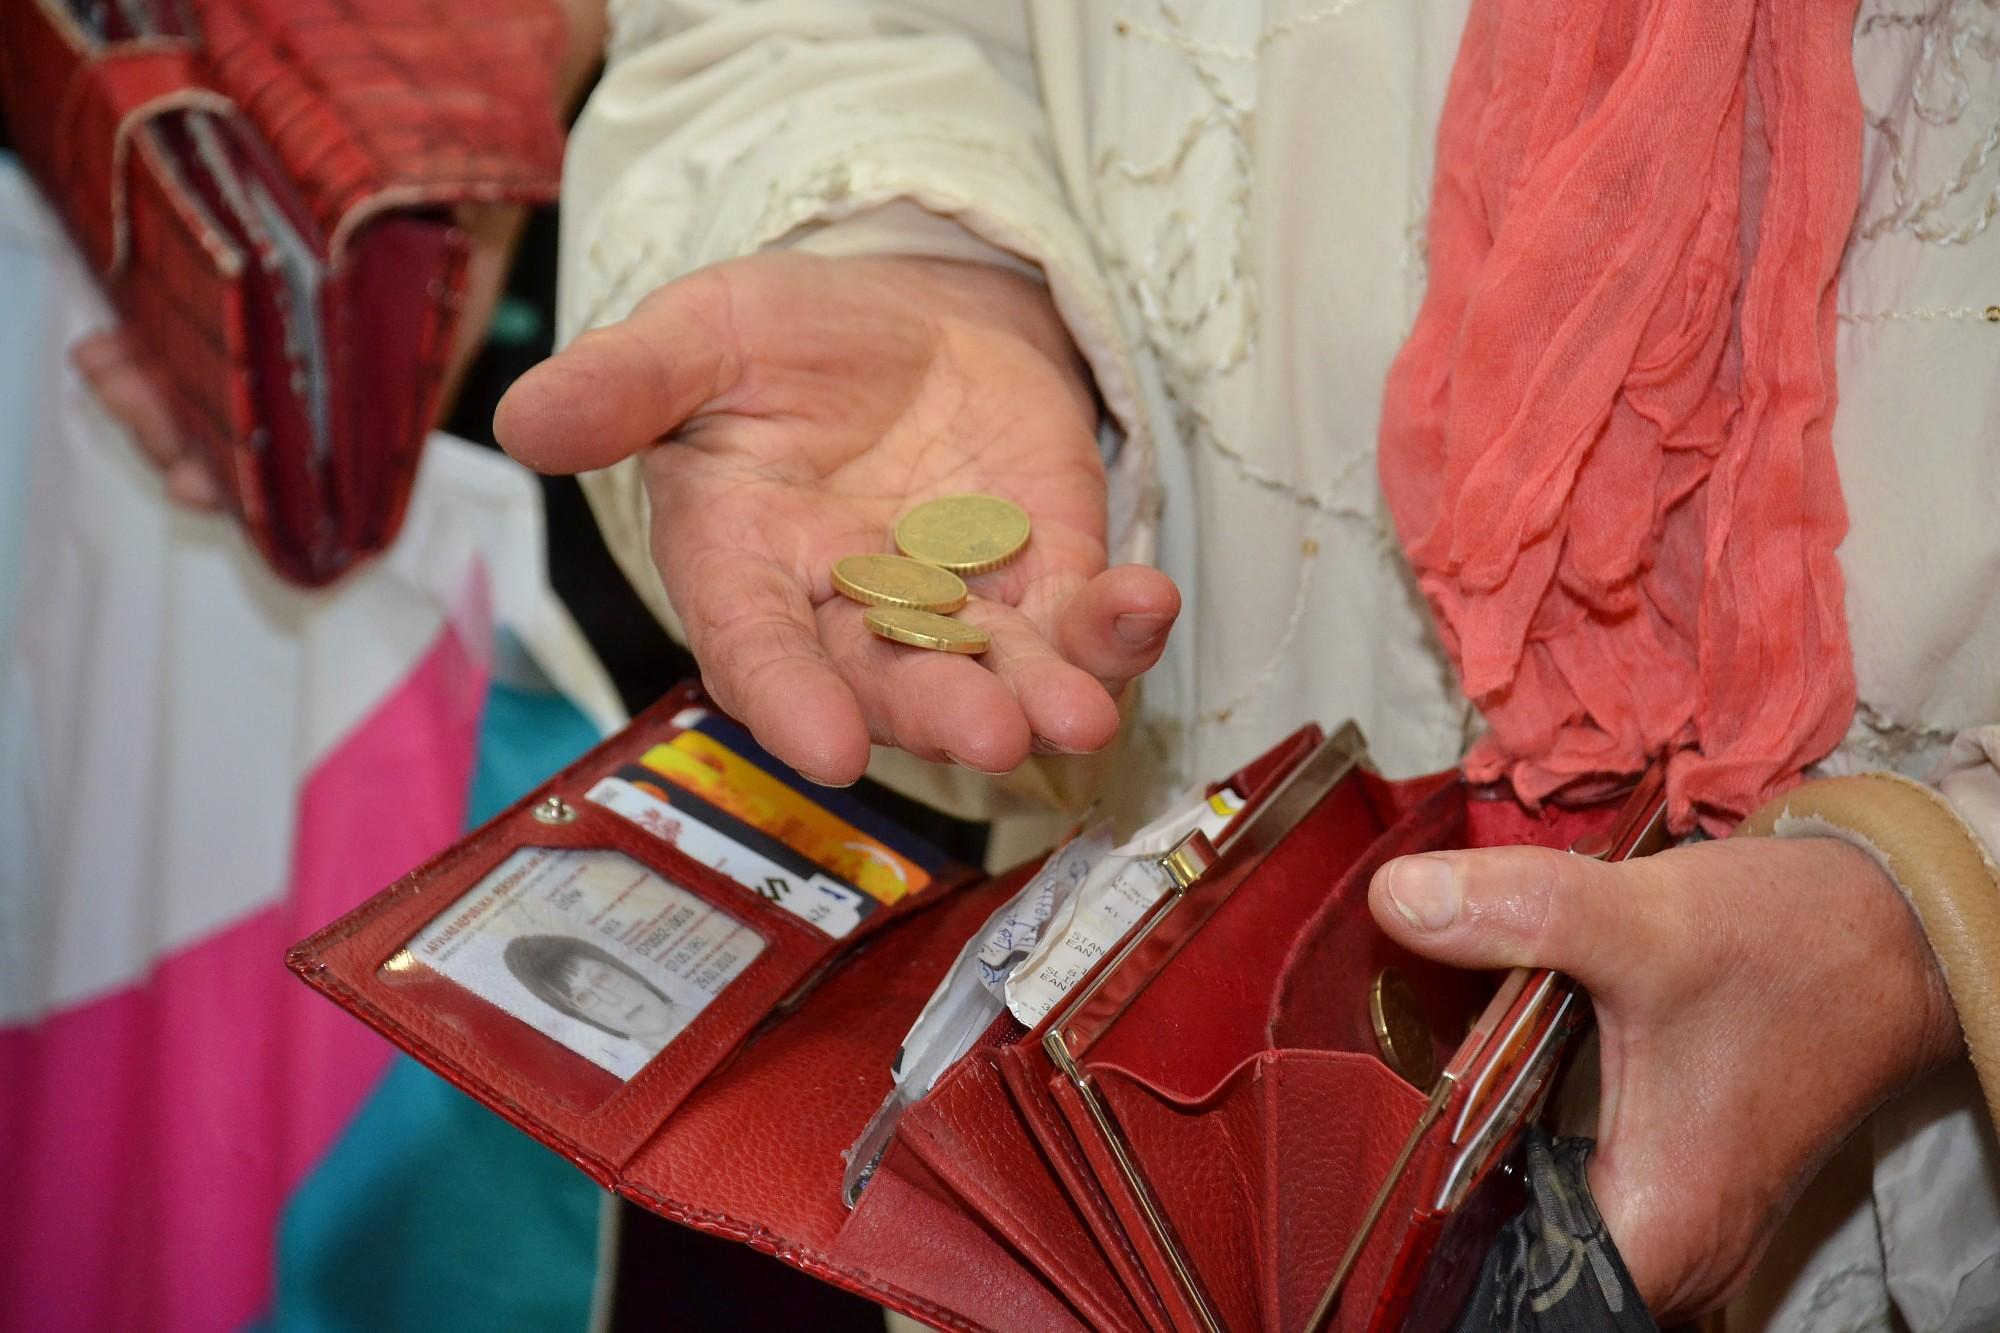 В следующем году 20 000 человек будут получать минимальную пенсию в размере 88-208 евро